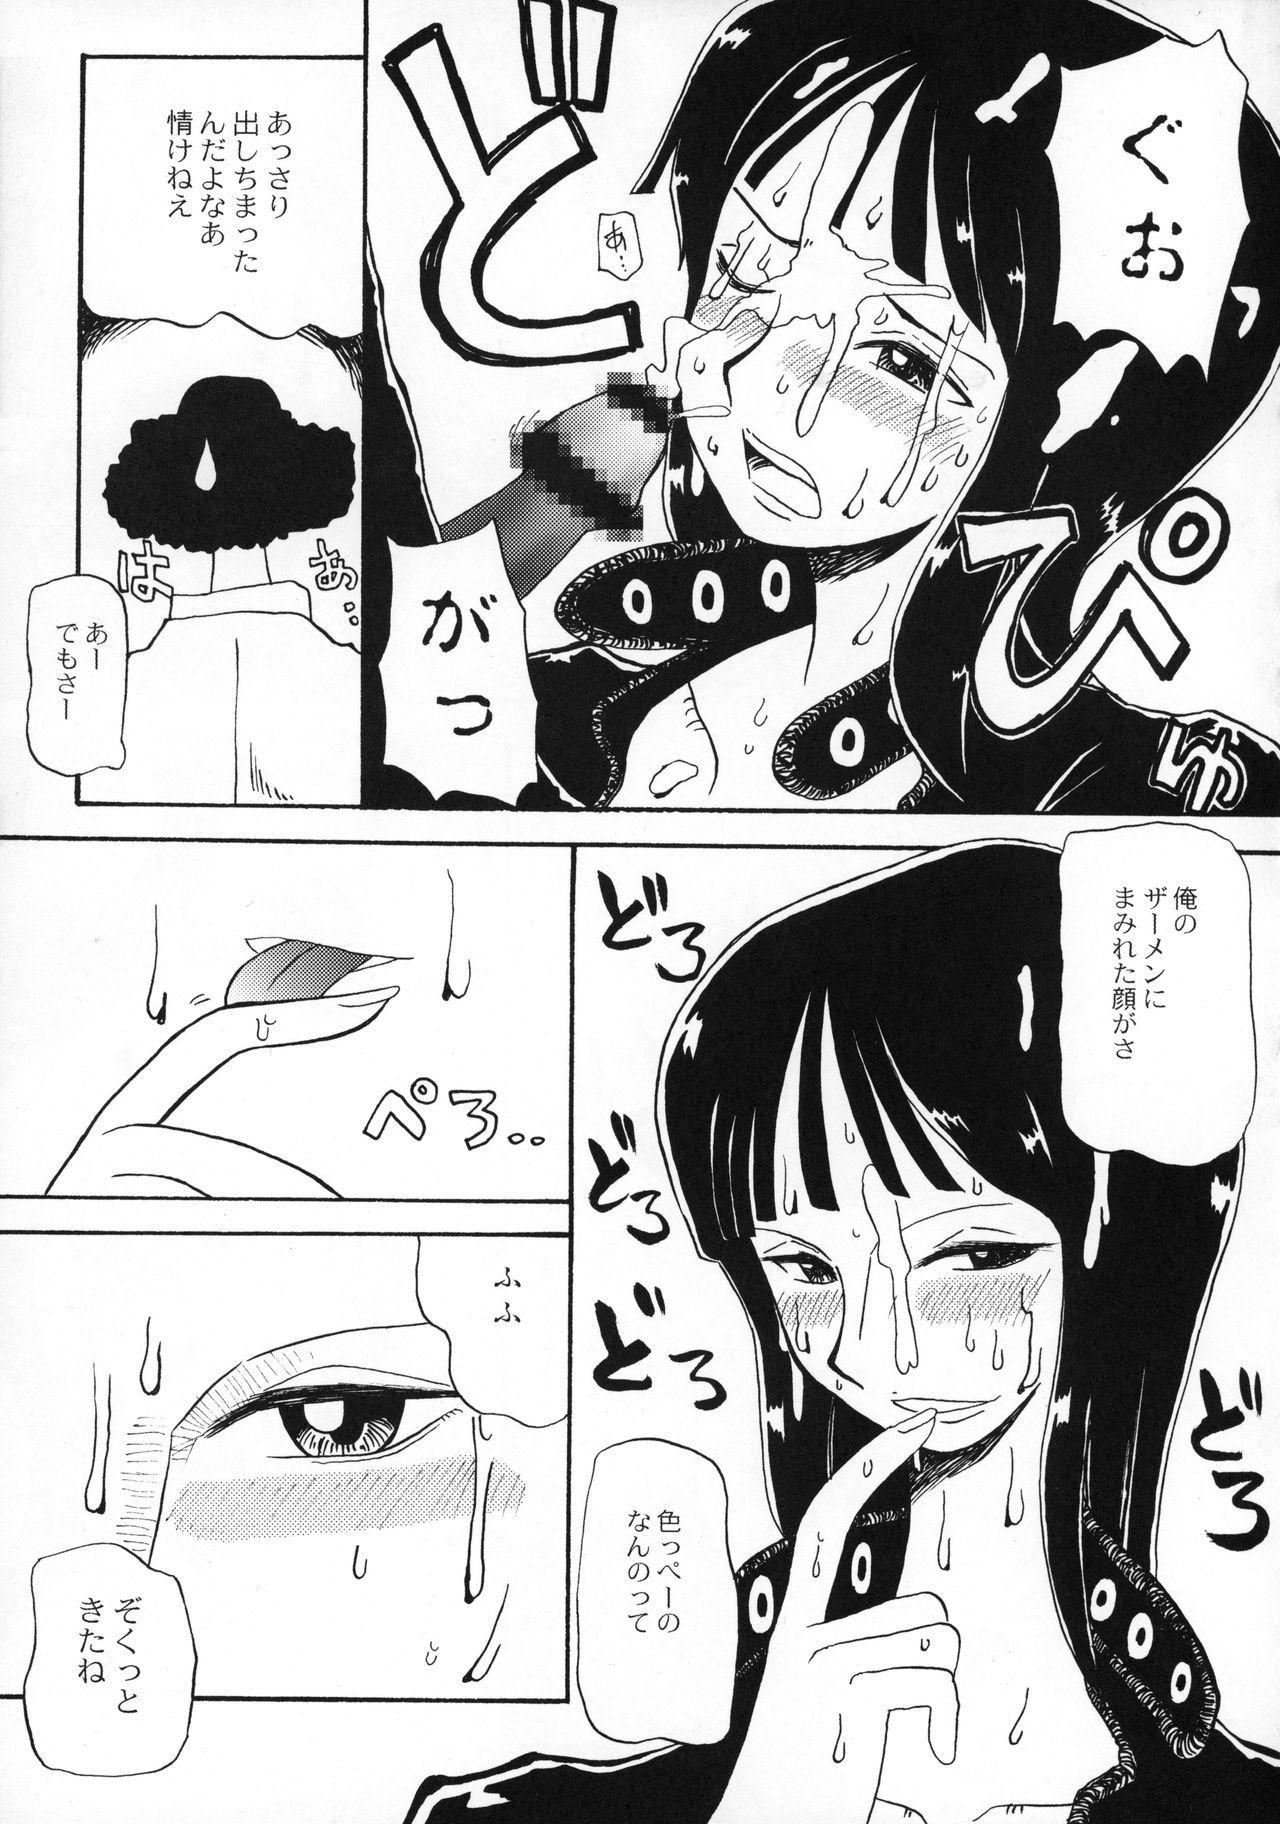 Kijirushi 11